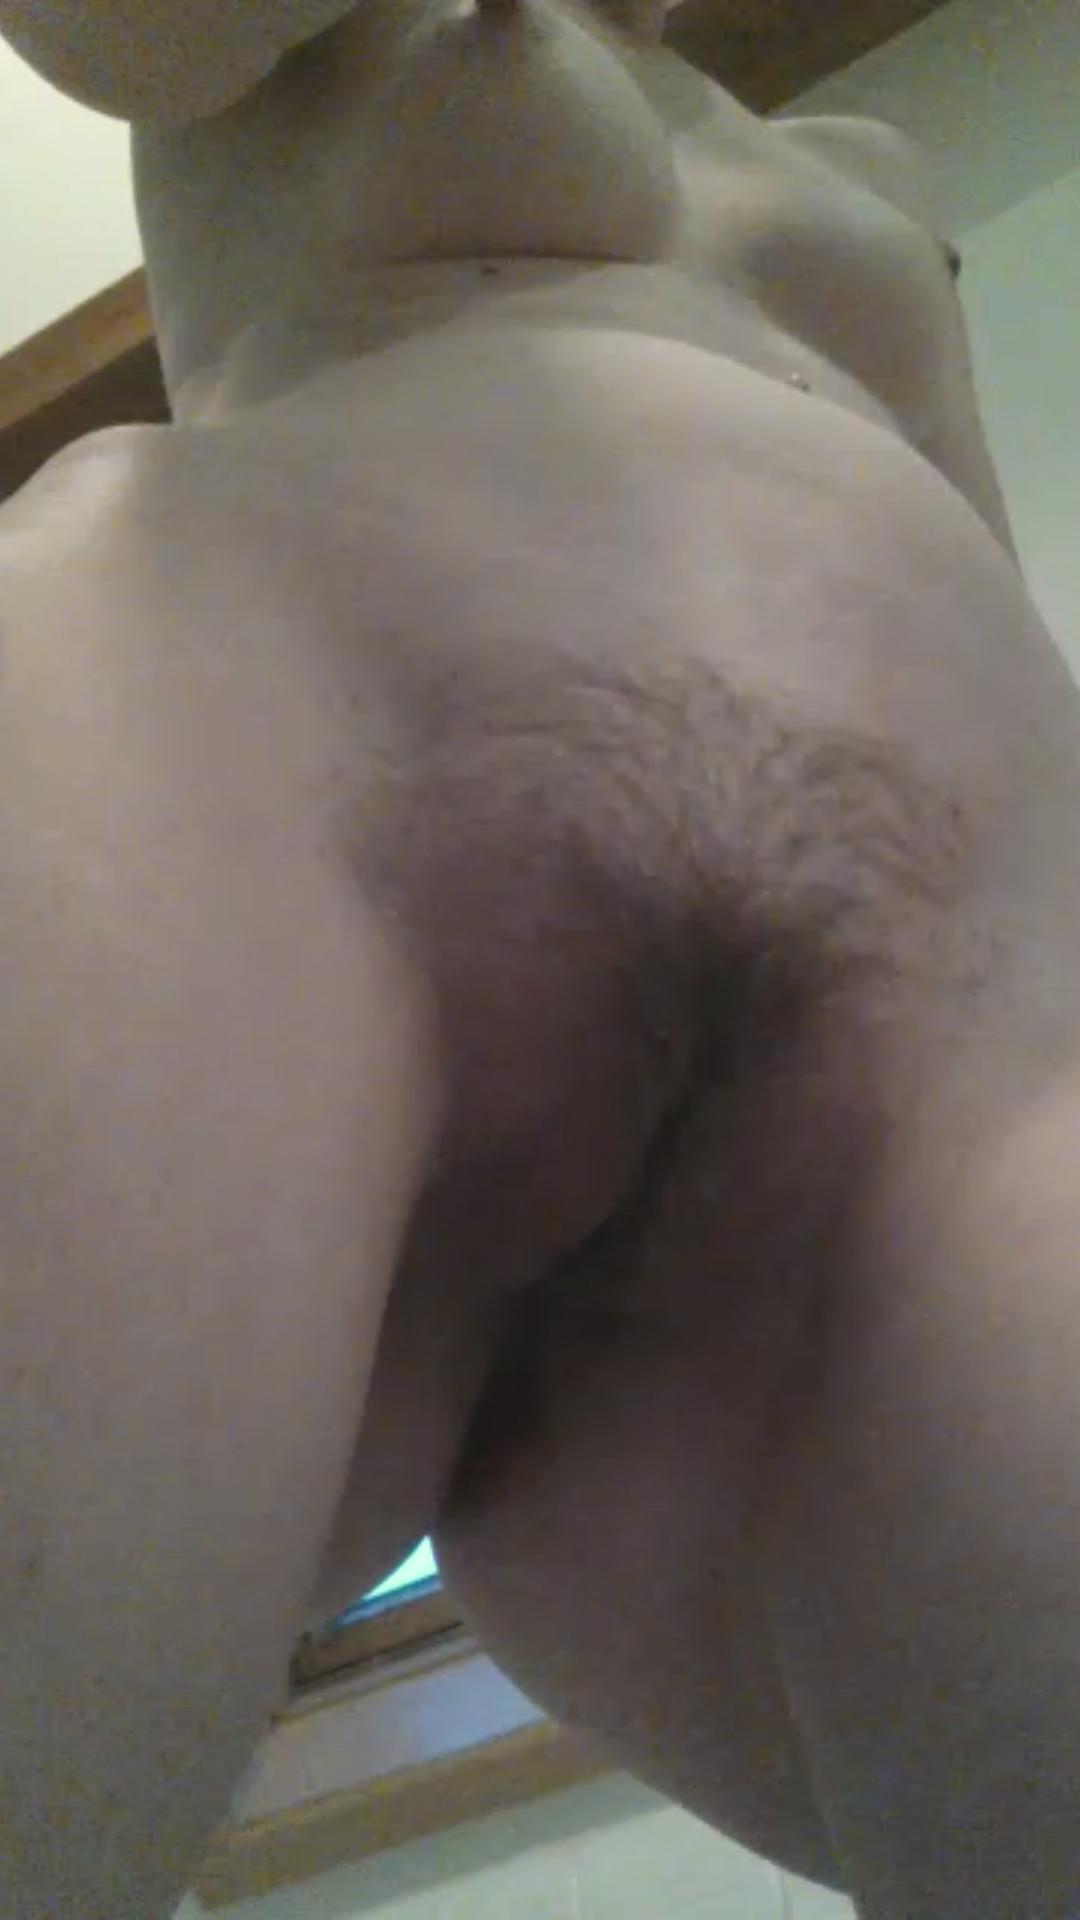 Bilder Von Haarigen Pussy 4 Porno-Bilder, Sex Fotos, XXX